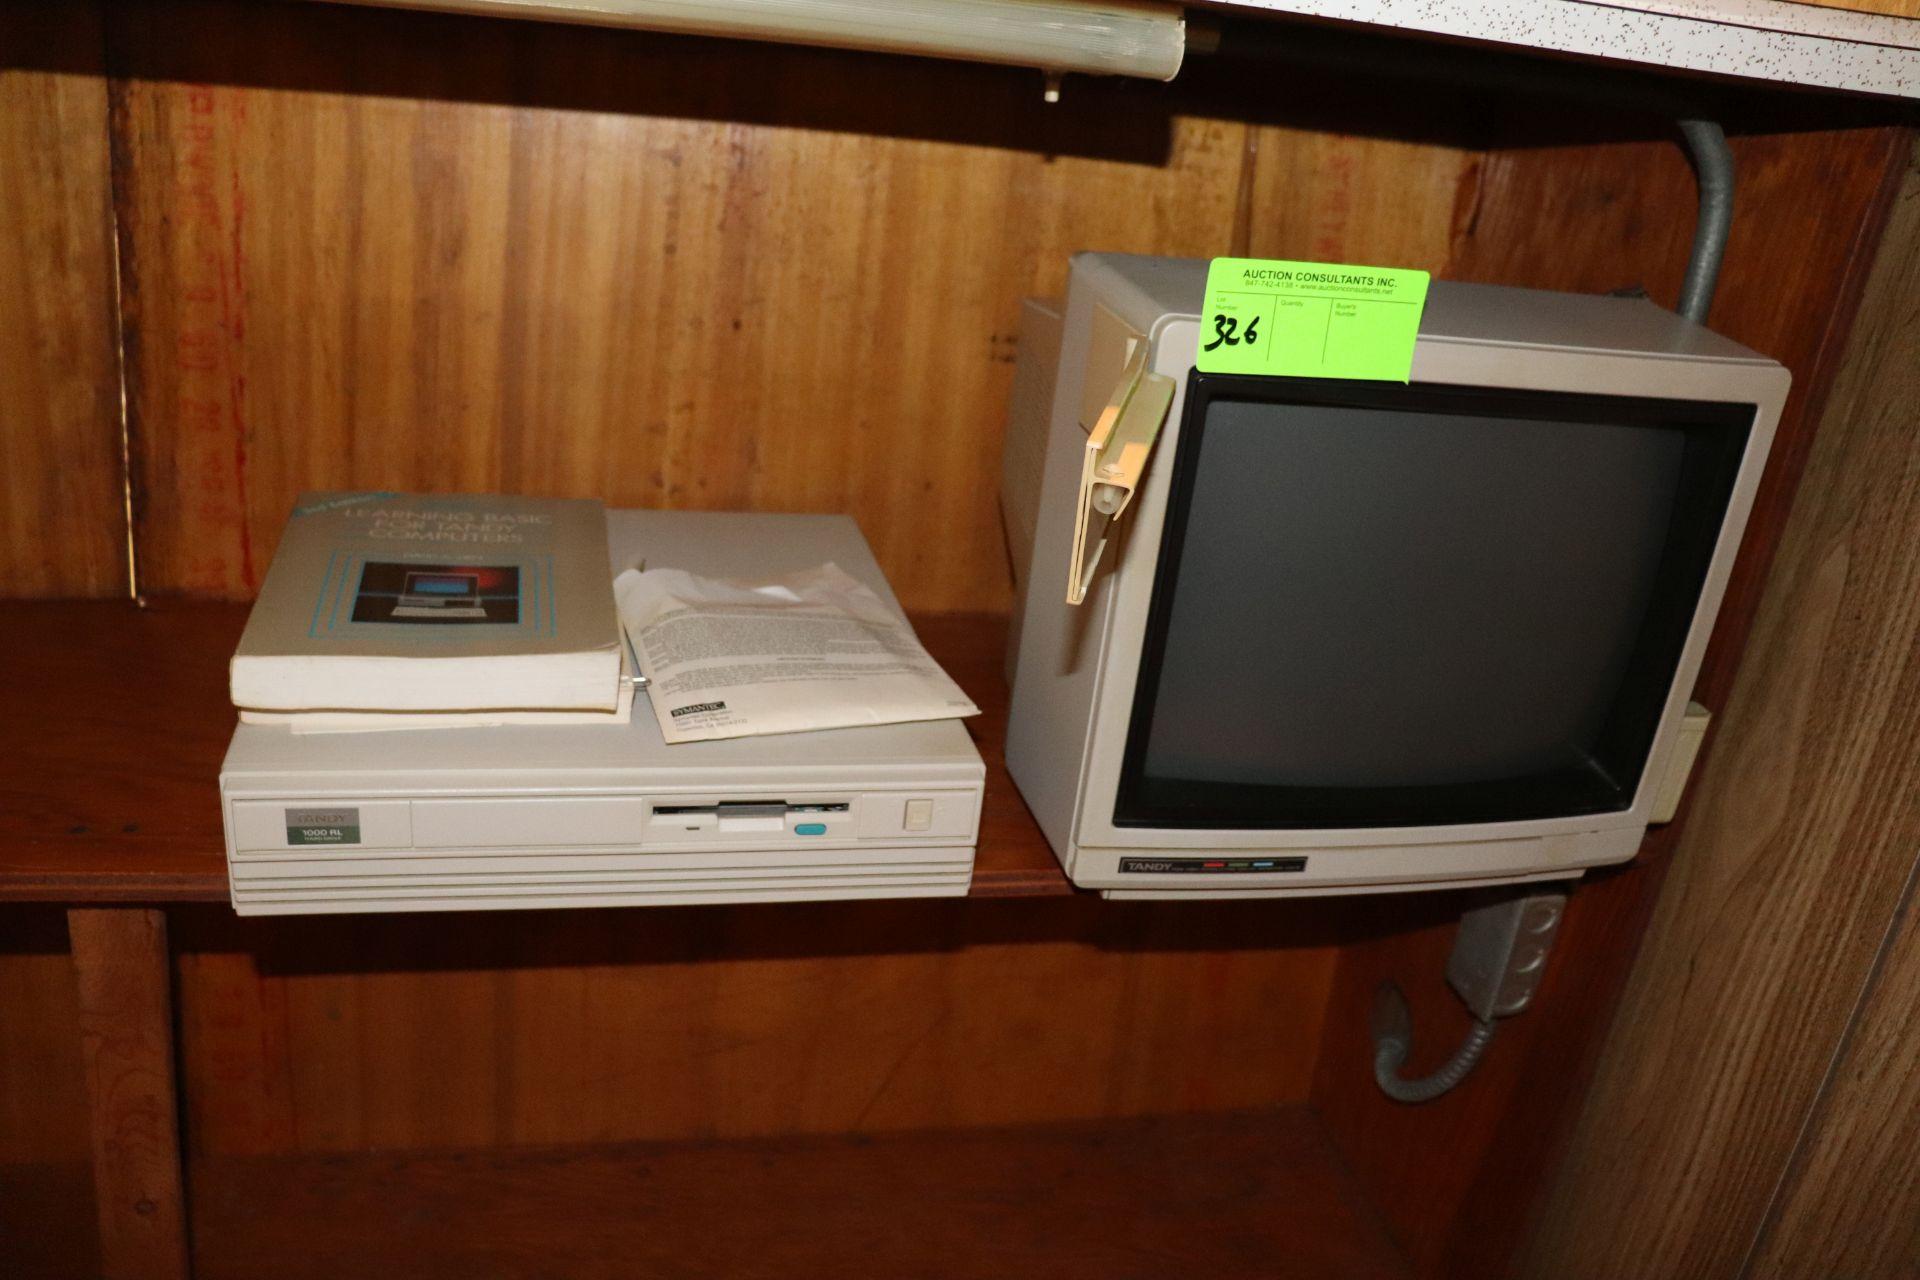 Tandy computer, 1000RL, with monitor, hard drive, keyboard, mouse, Tandy Dot Matrix printer model DM